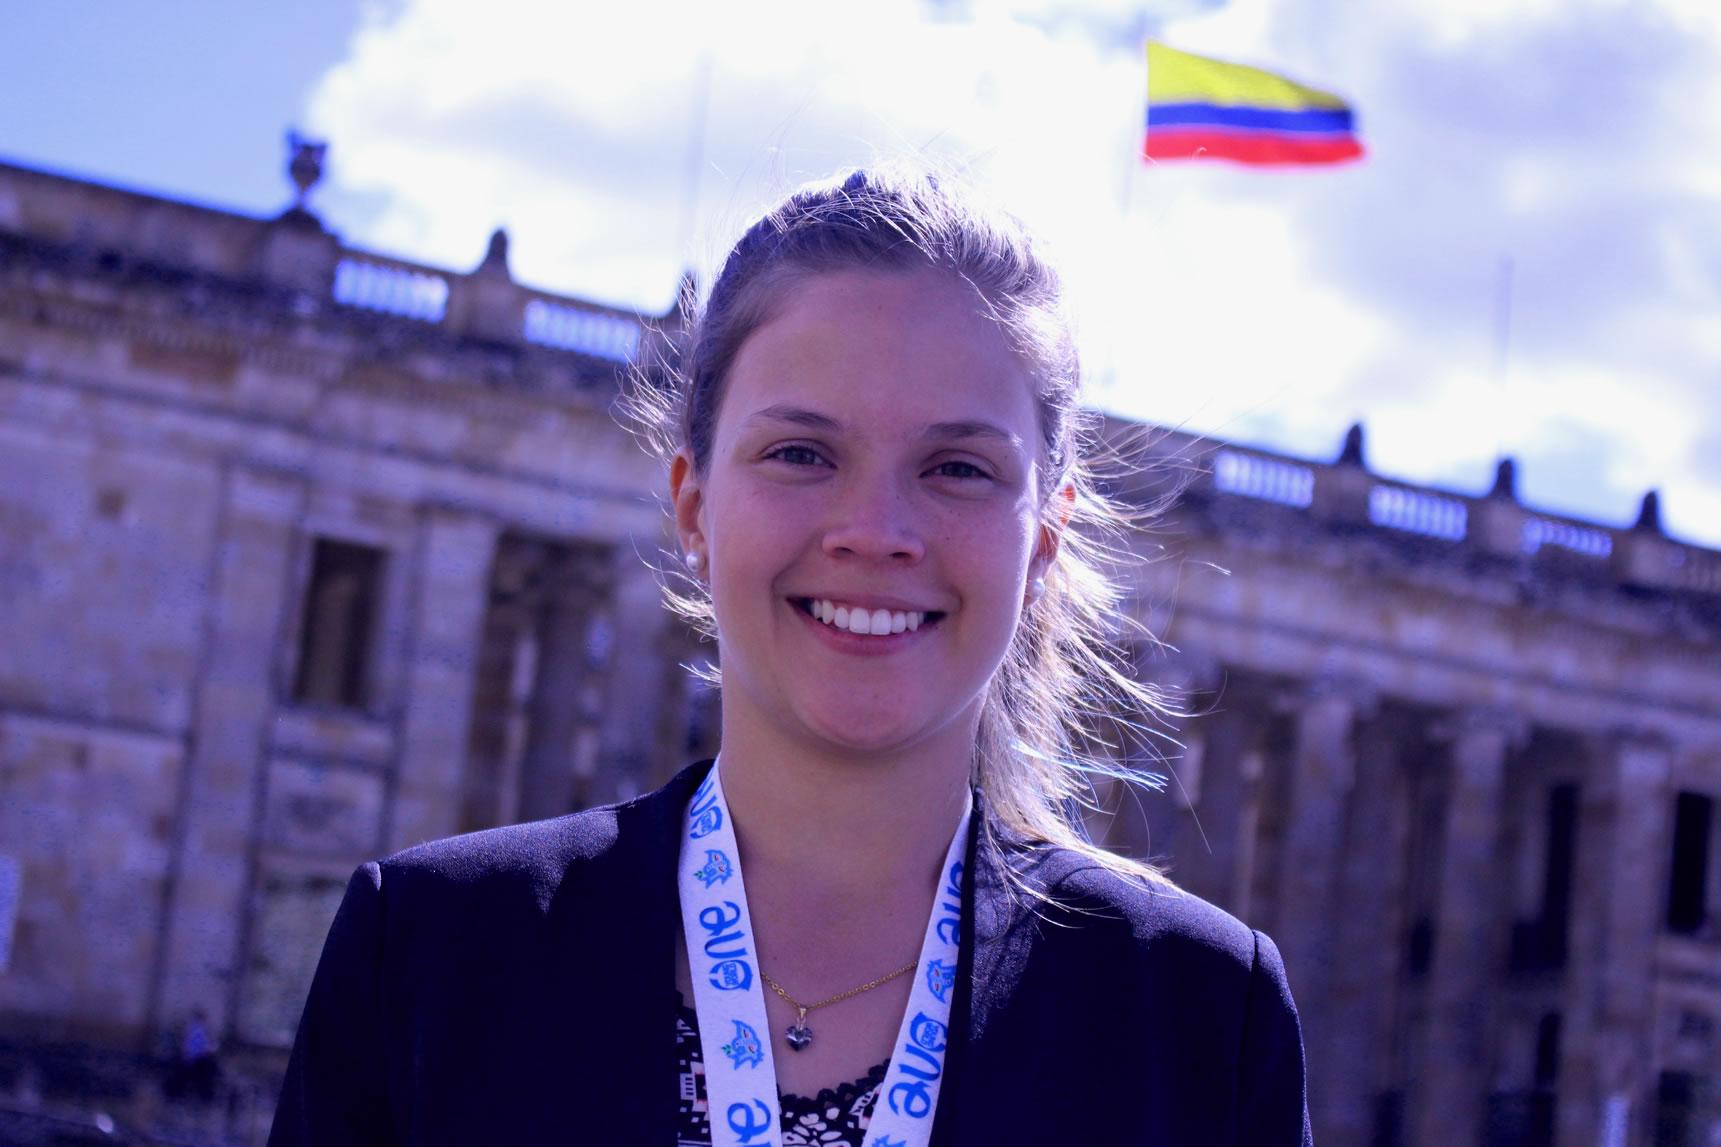 Cuatro grandes ideas de 'millennials' colombianos para mejorar el país